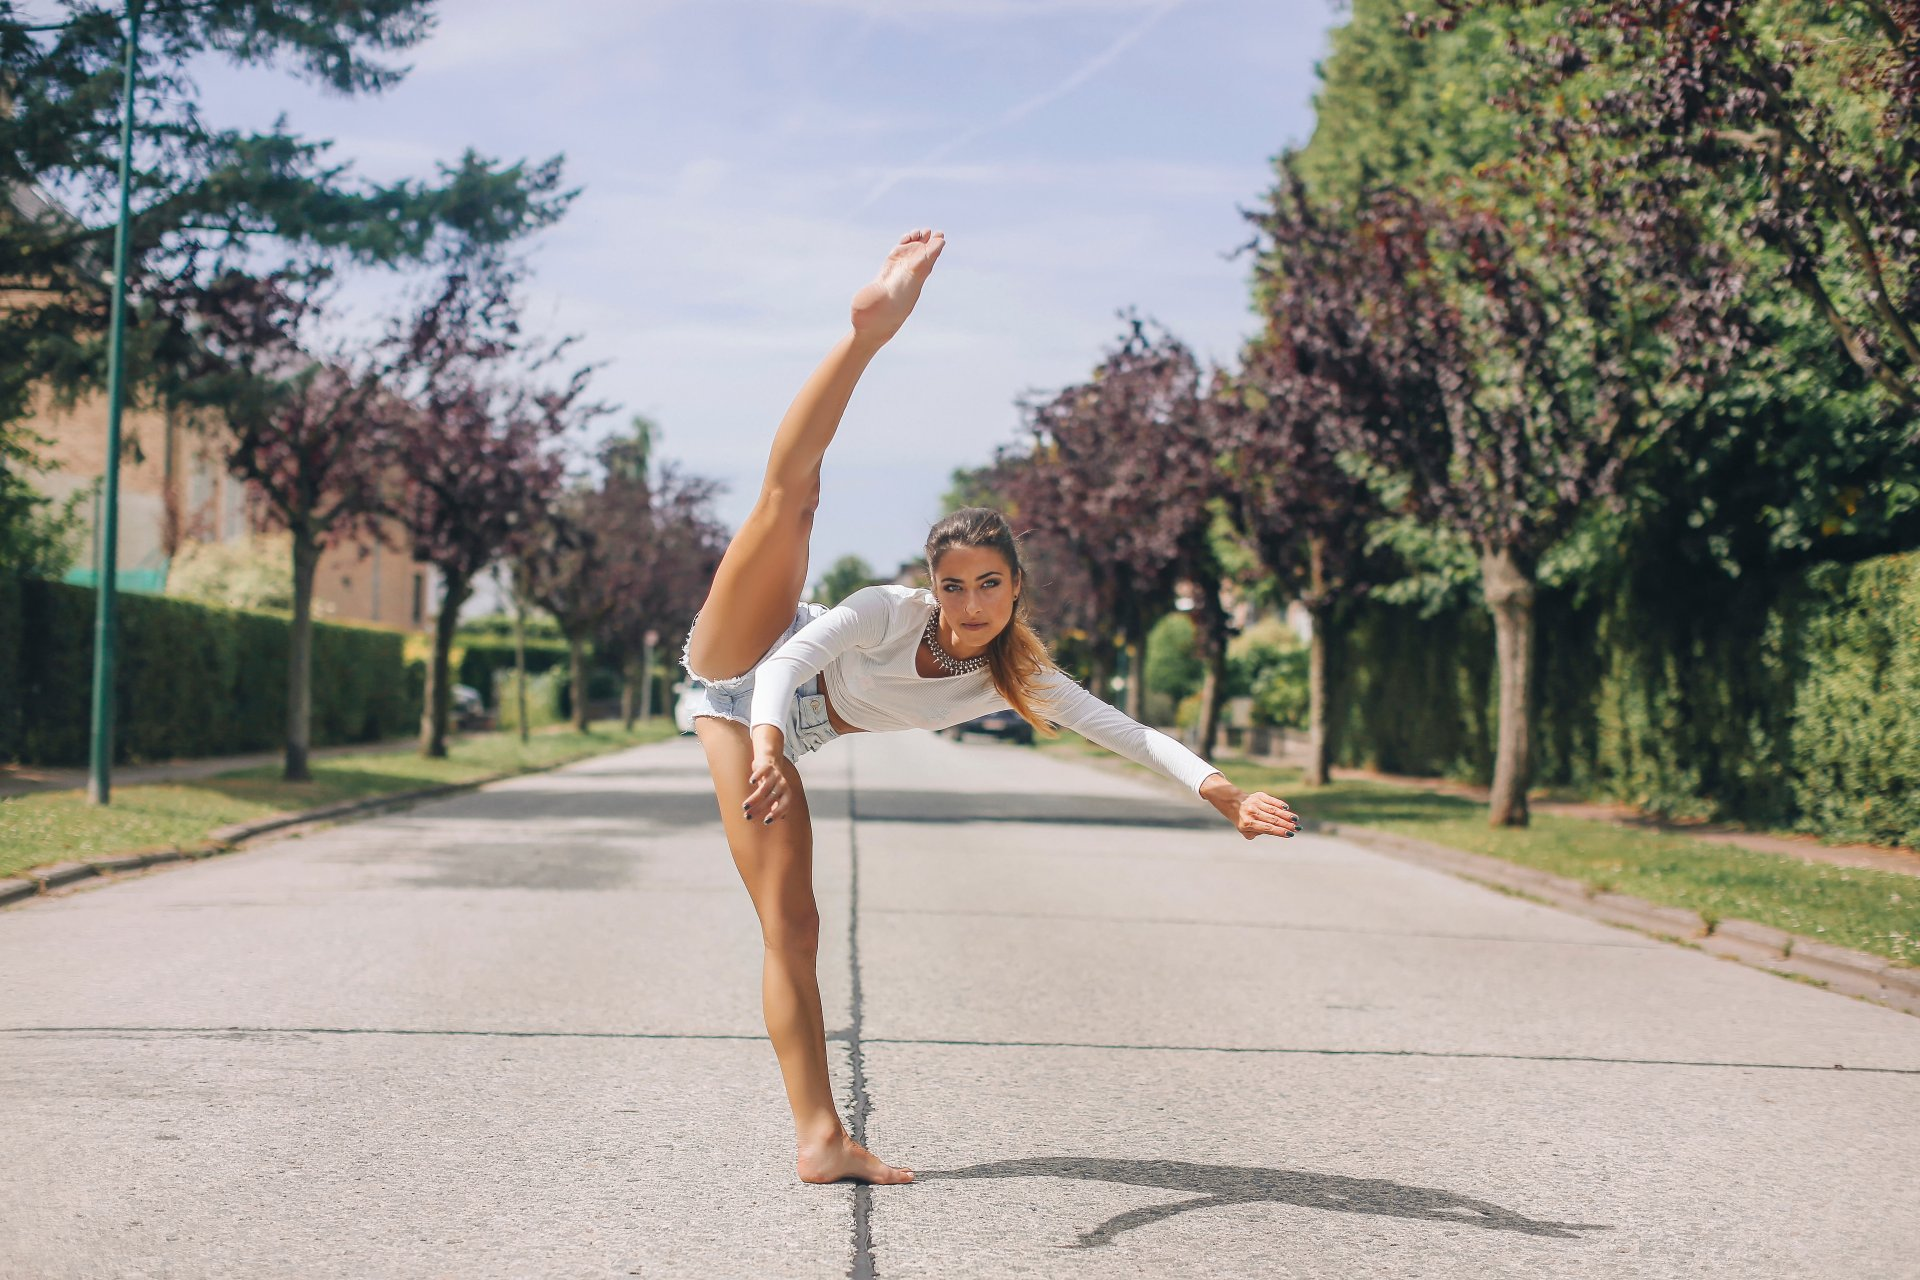 снимки сделаны фото гимнасток с ногами тоже образованная